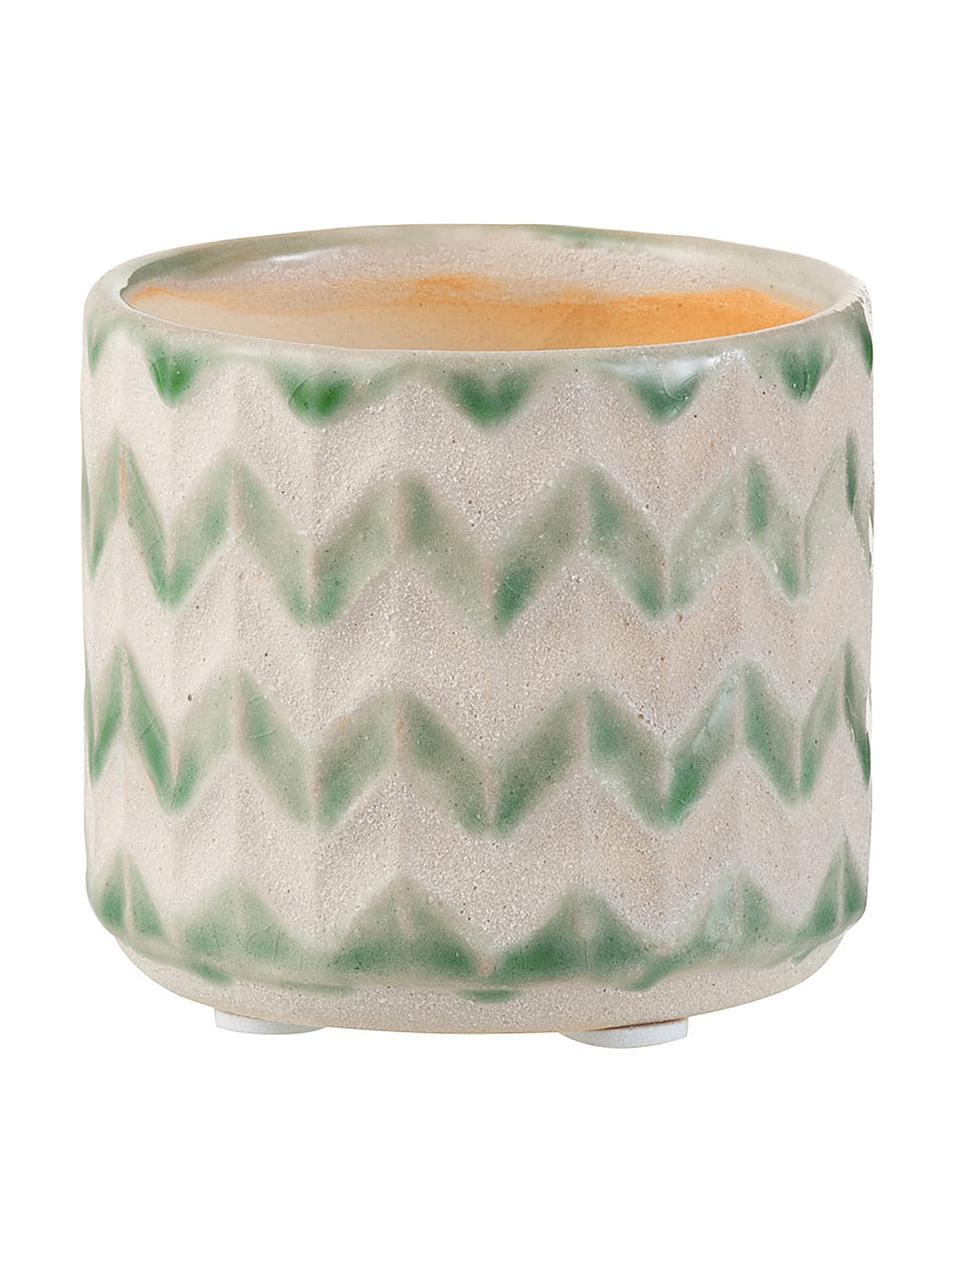 Pot de fleurs céramique Zigzag, Vert, beige clair